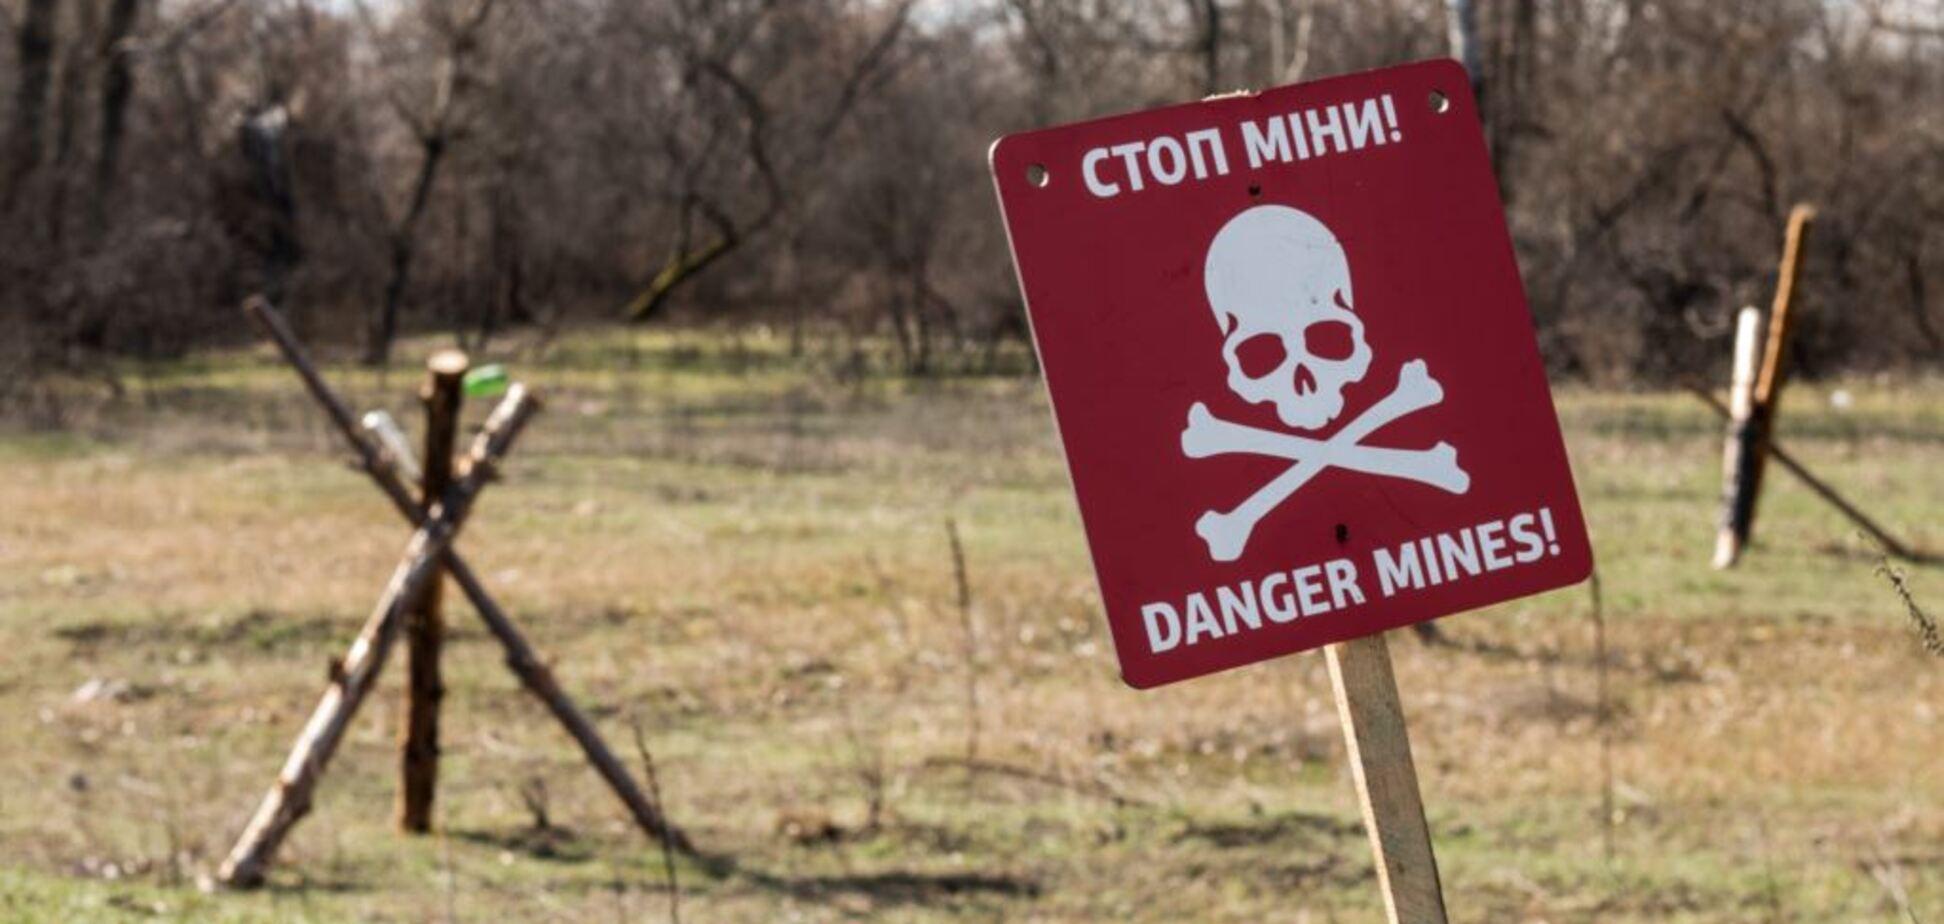 Бояться місцевих: терористи мінують населені пункти на Донбасі